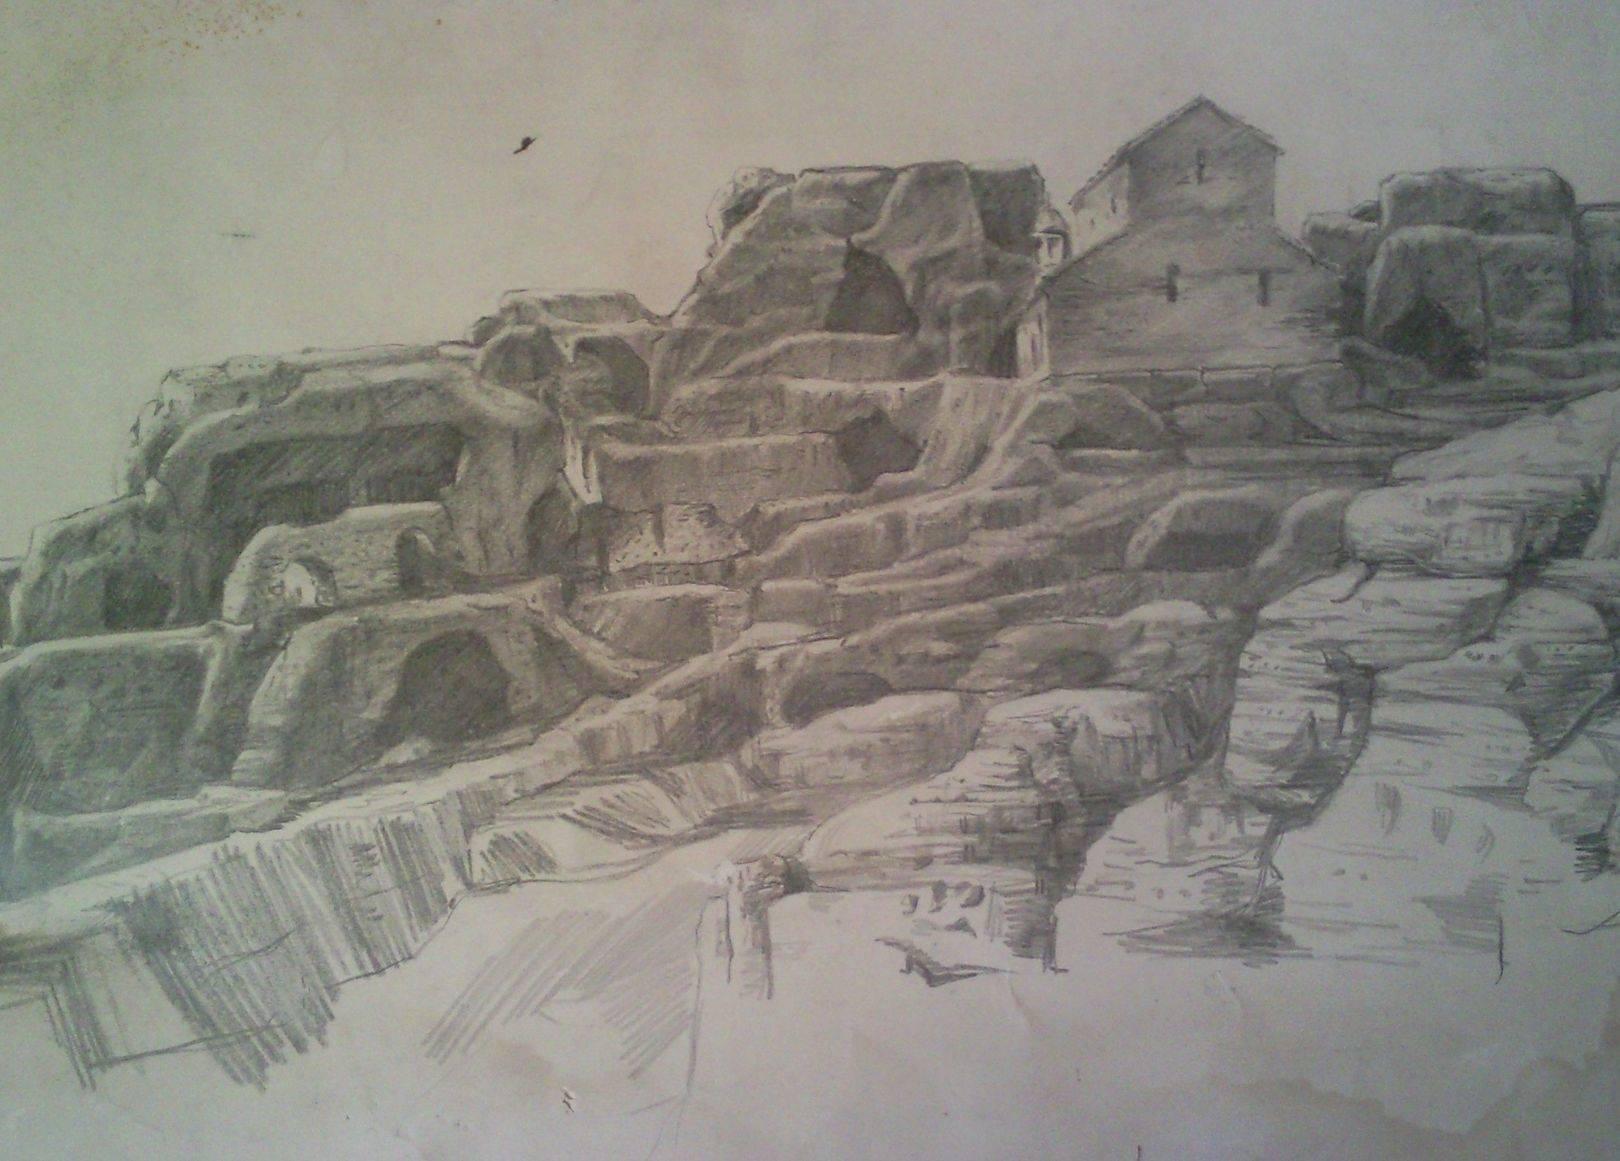 «Уплисцихе      бумага, карандаш «Uplistsikhe»    paper, pencil           42x62, 1983